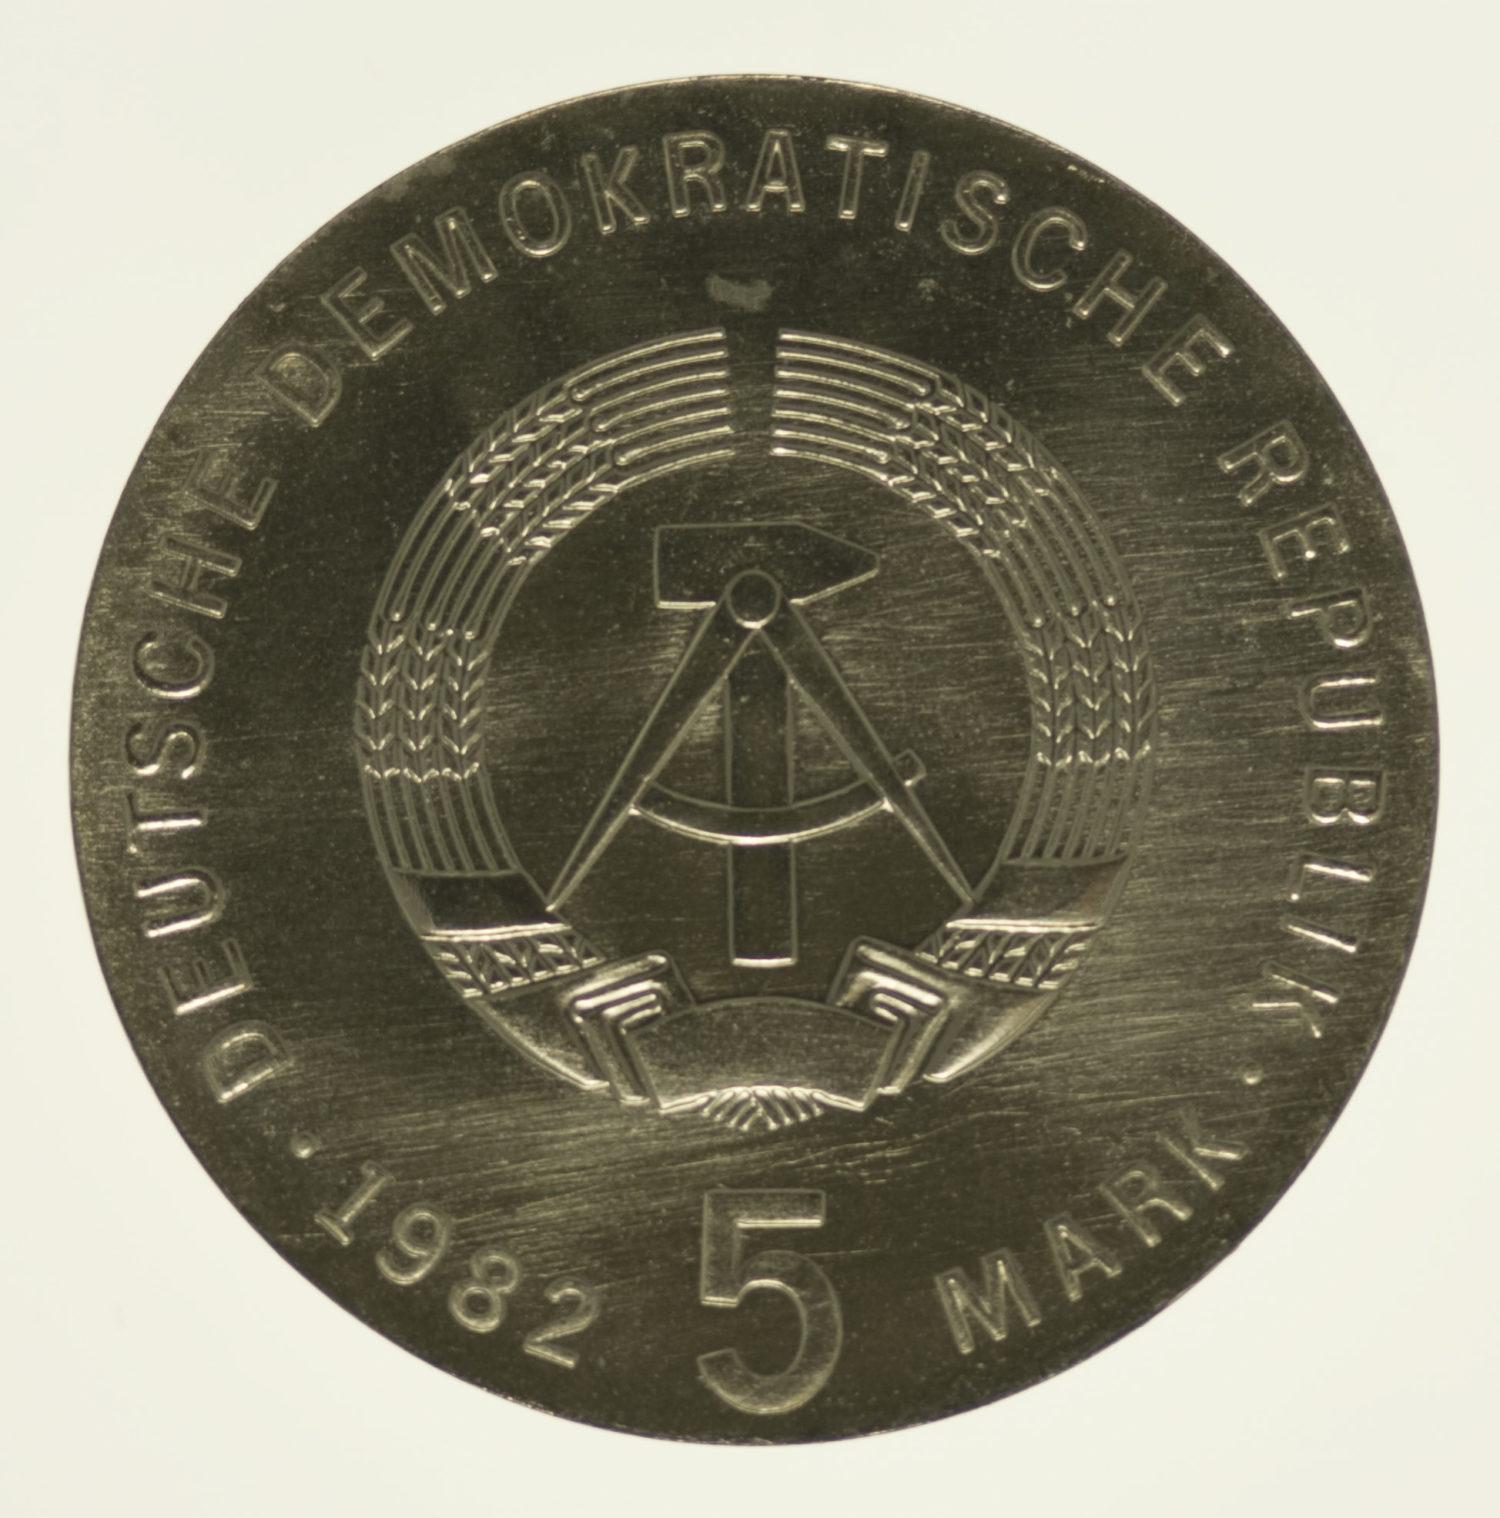 ddr-deutsche-silbermuenzen - DDR 5 Mark 1982 Fröbel